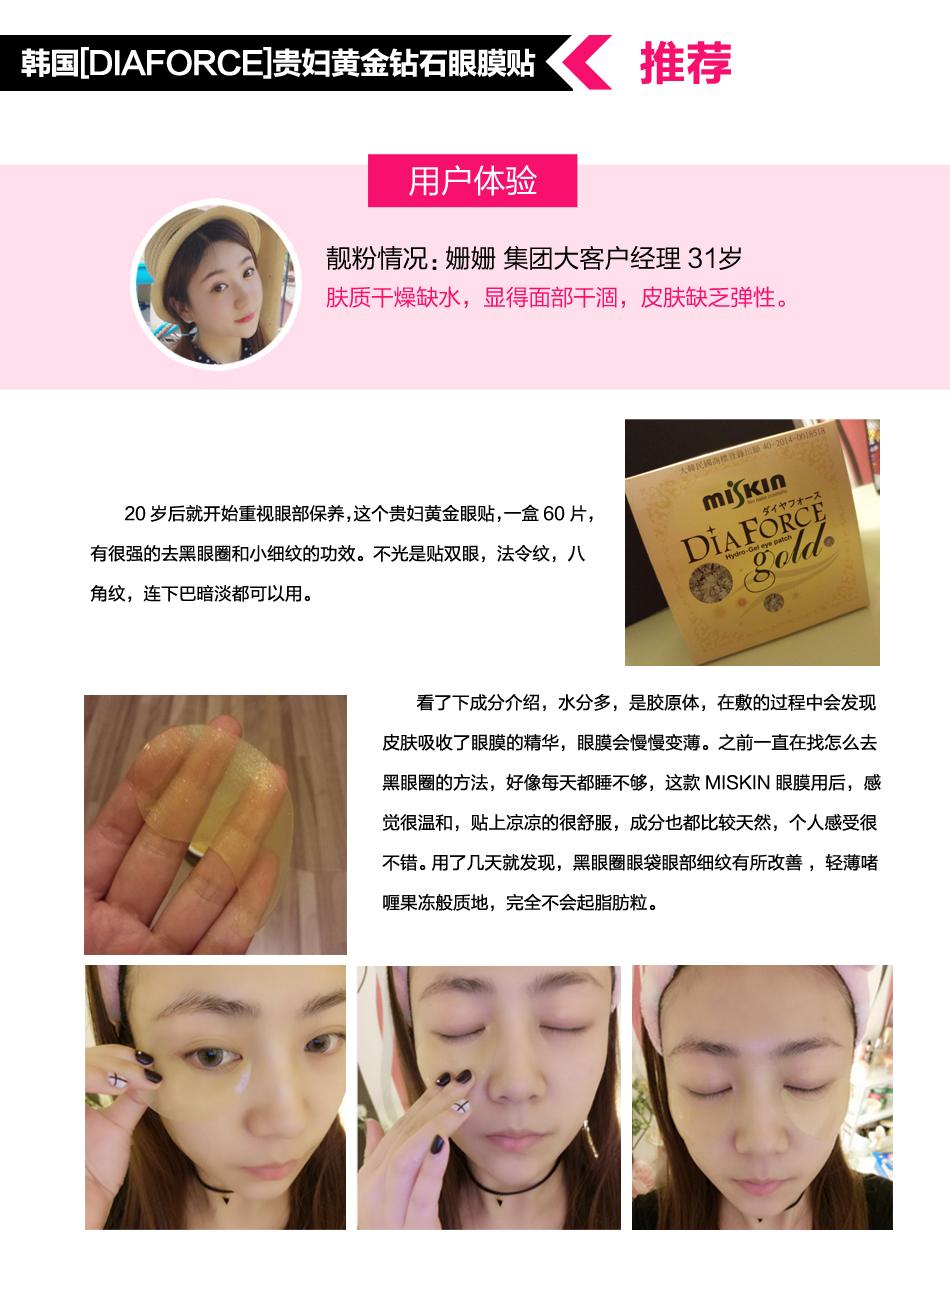 达人评价-韩国[DiaForce]贵妇黄金钻石眼膜贴.jpg